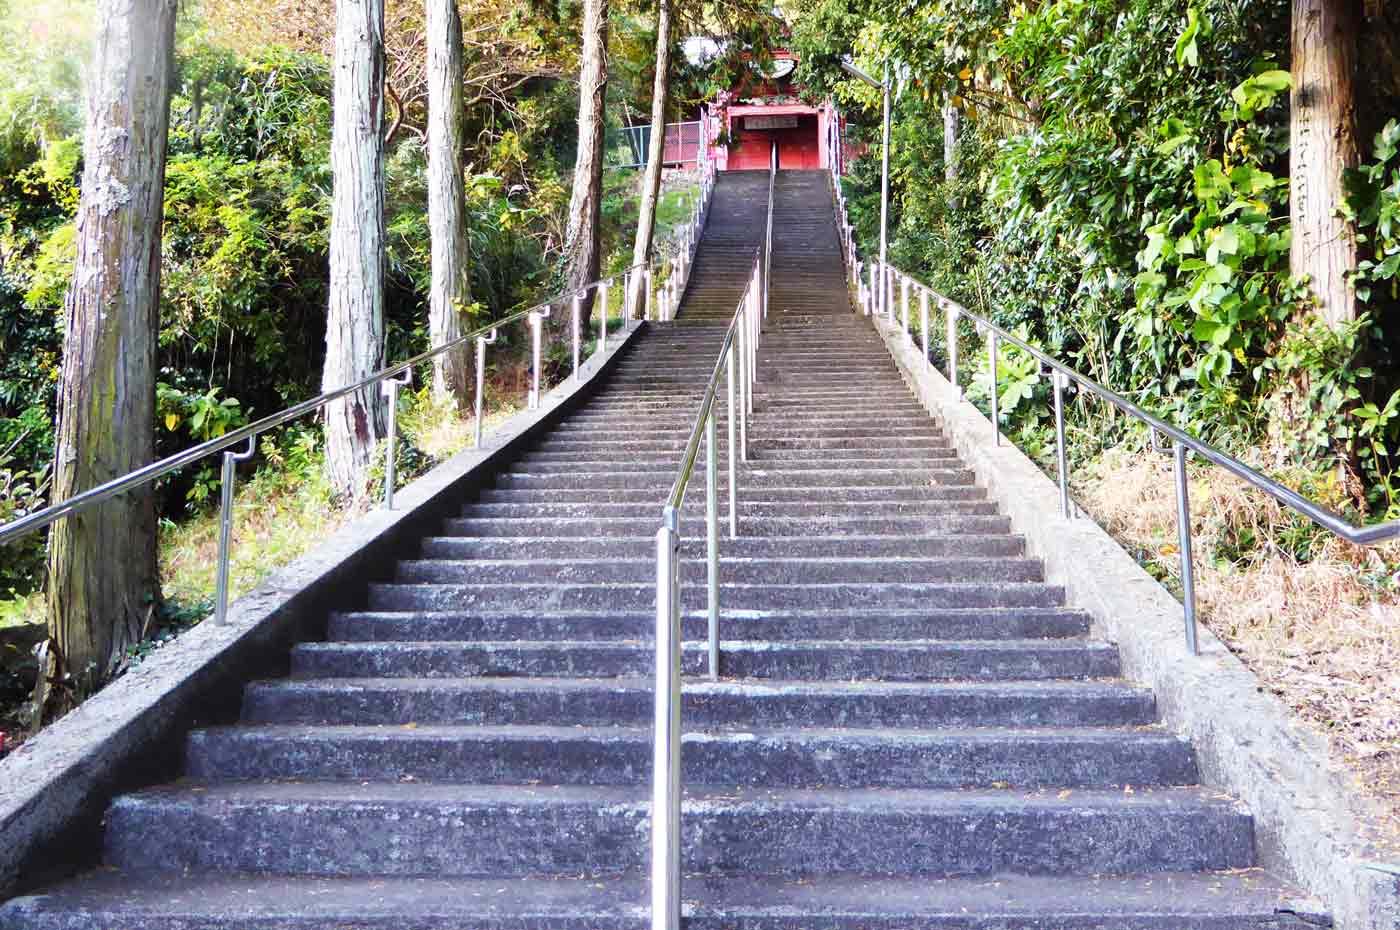 大聖院の高塚不動堂への階段の写真